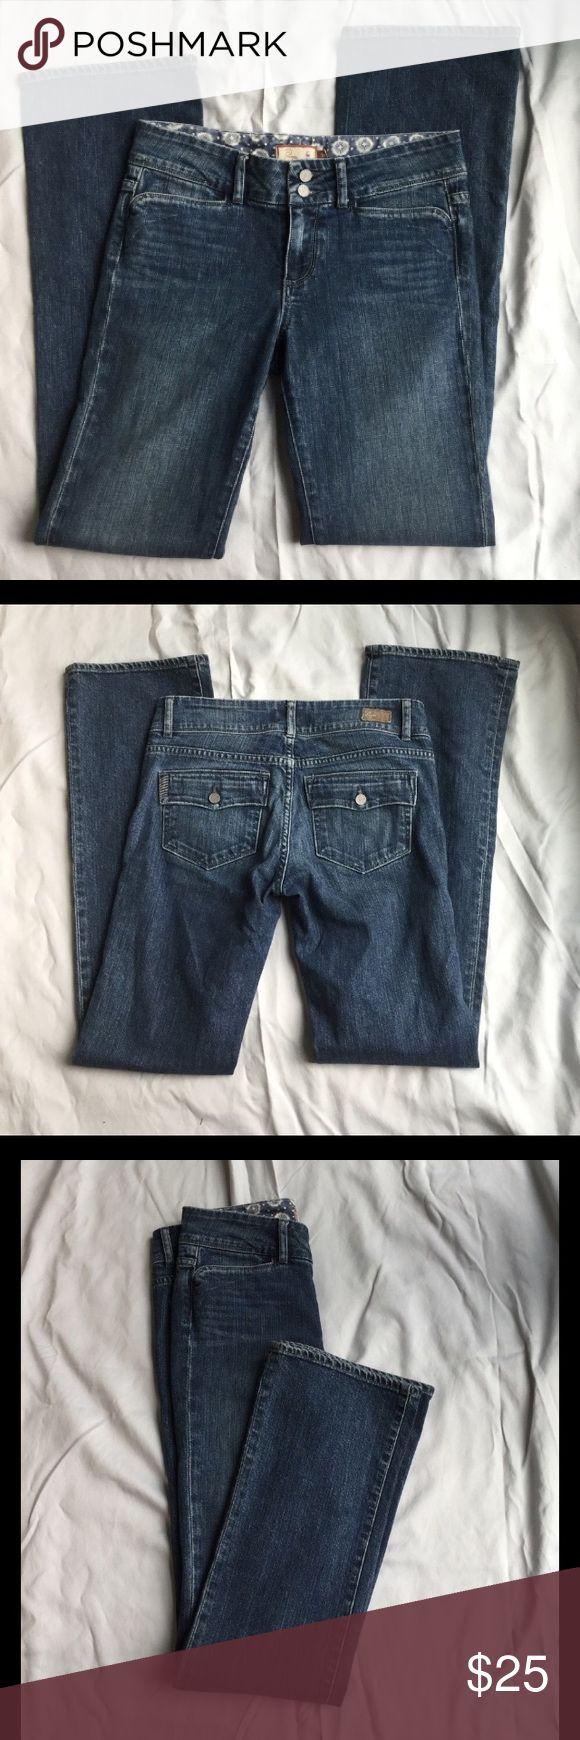 Paige Premium Denim Jeans Size 28 Like new Paige Jeans Paige Jeans Jeans Boot Cut